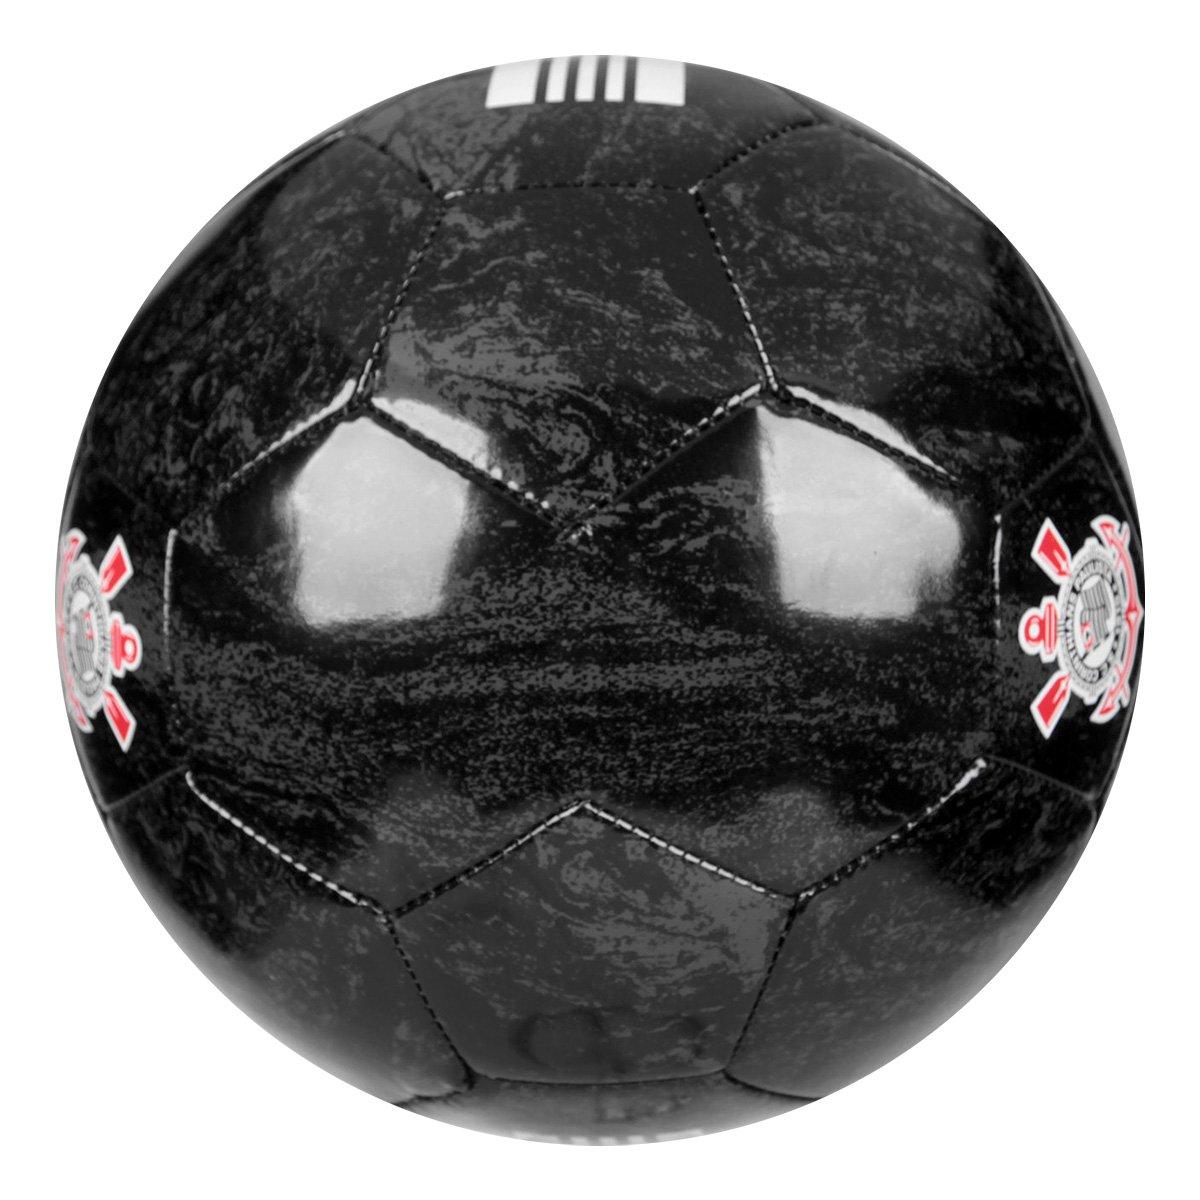 Bola de Futebol Campo Nike Corinthians - Preto e Branco - Compre ... 347b4ab9fd076